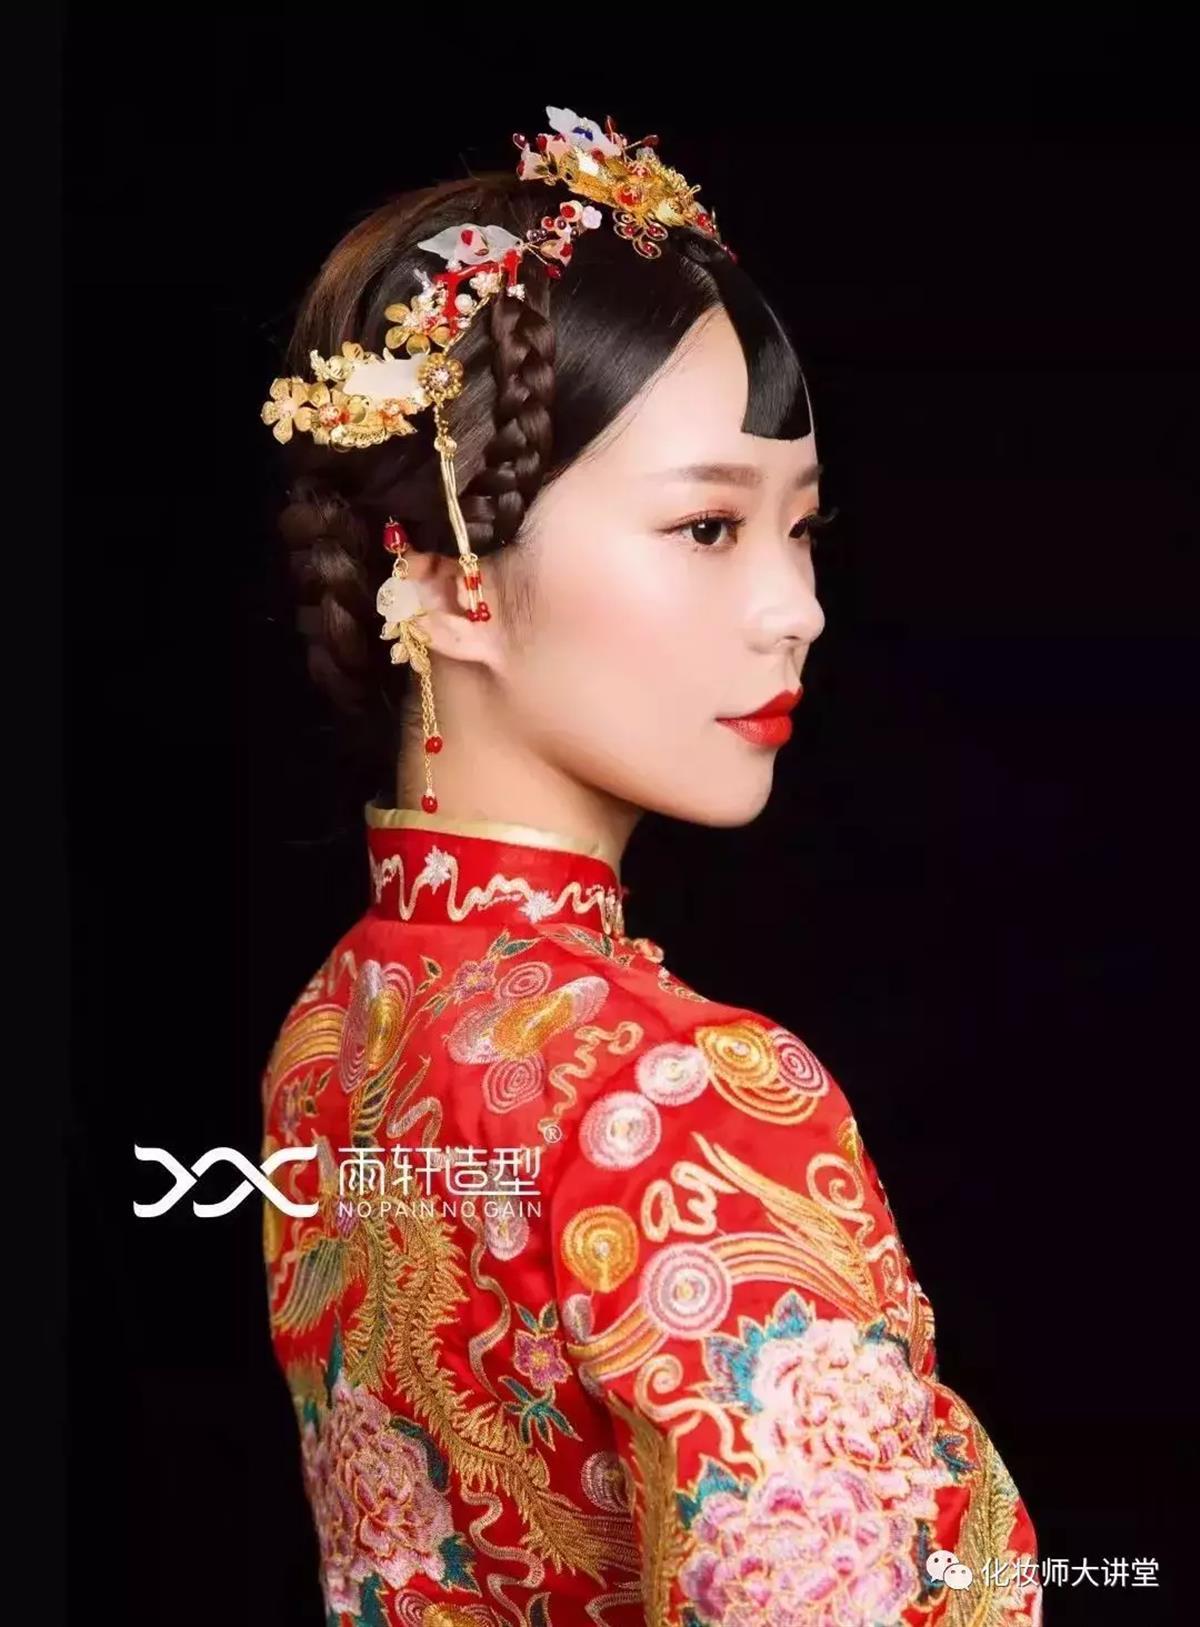 2018经典中式新娘造型,化妆造型师收藏好!图片